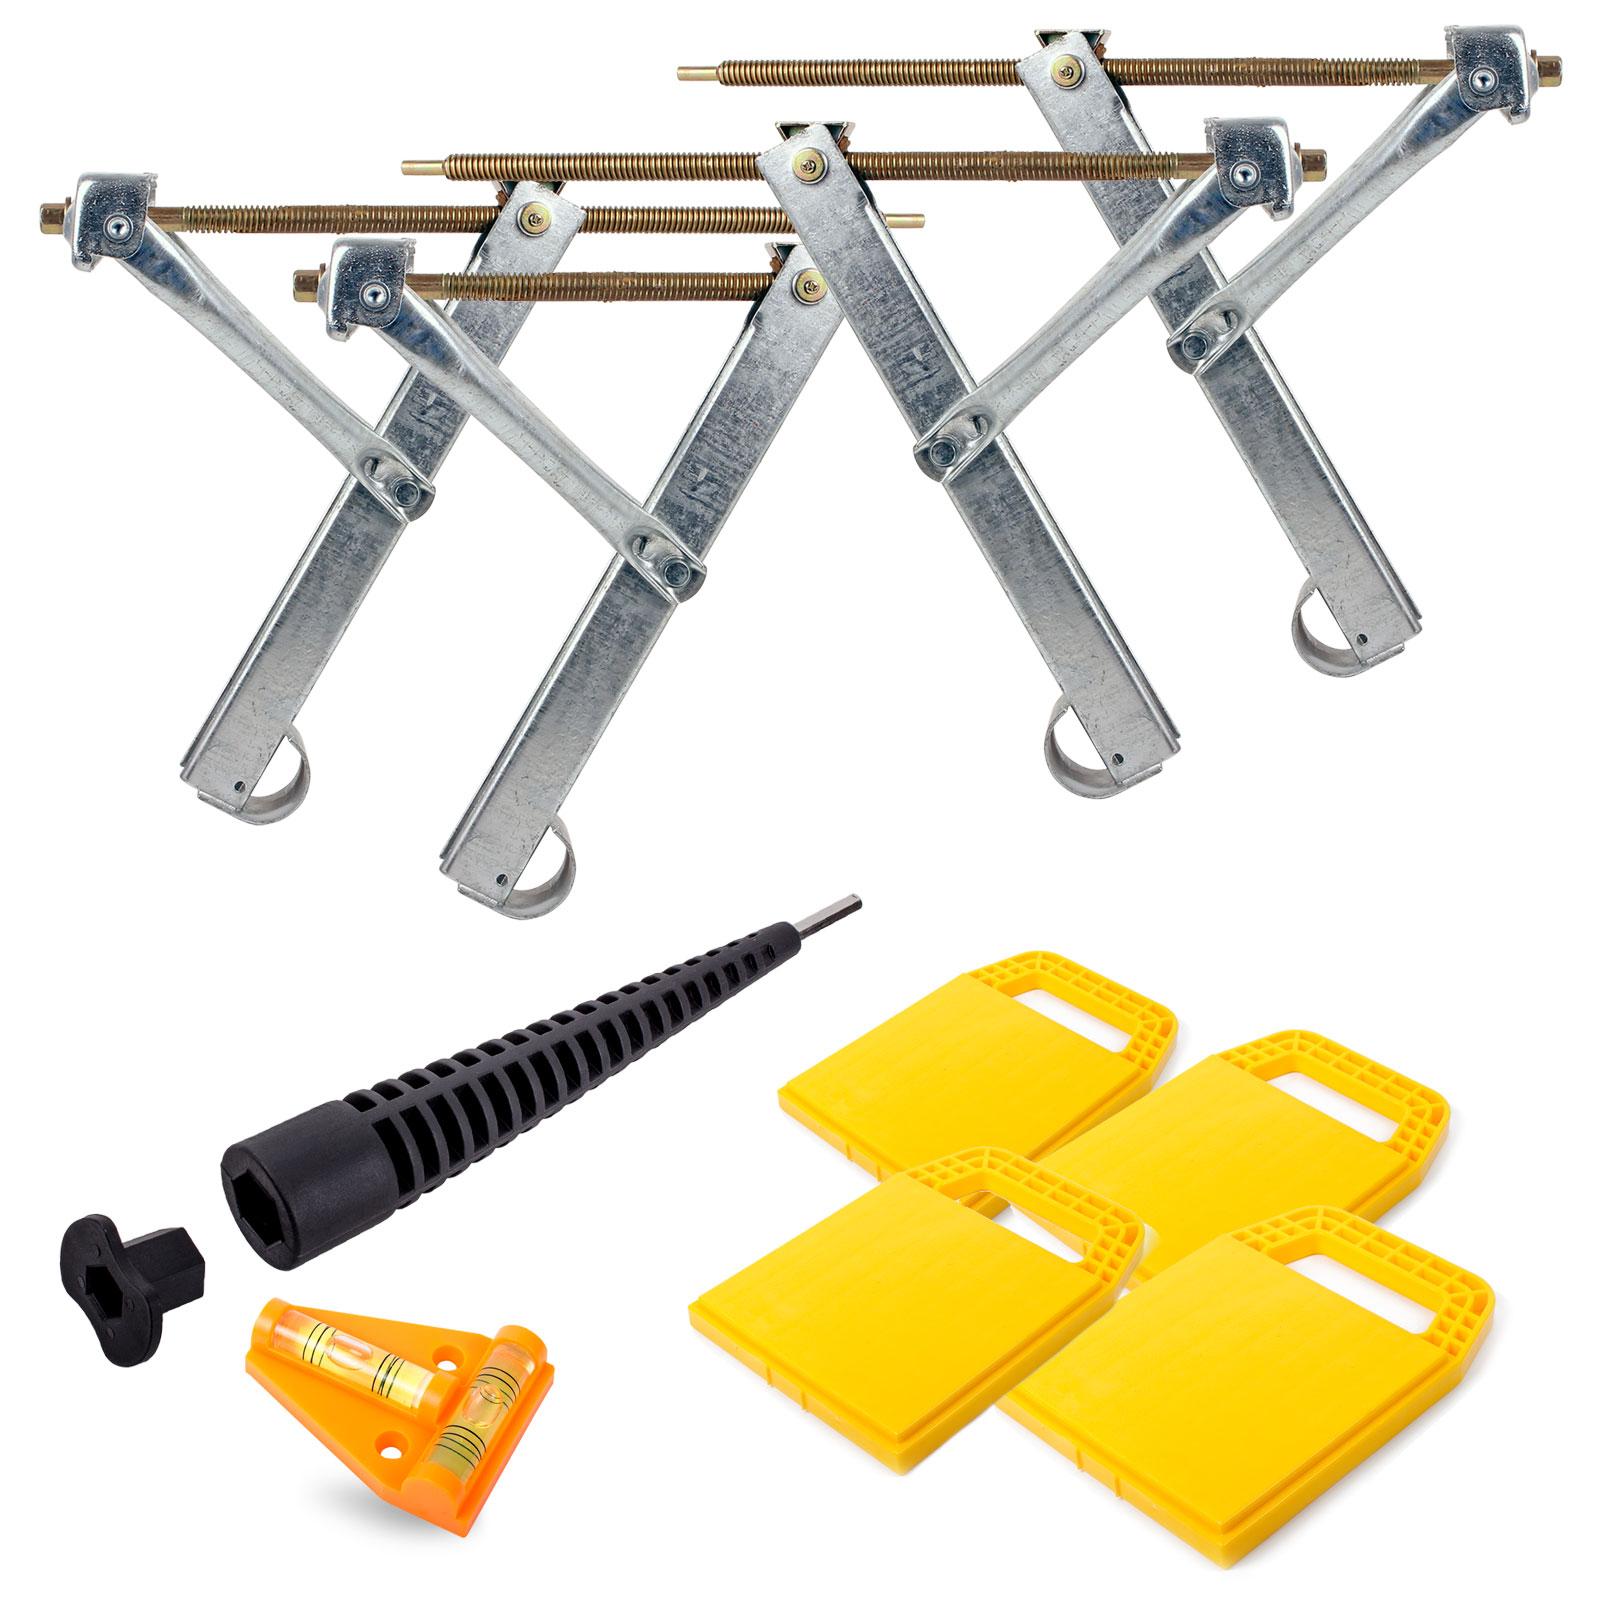 Ausdrehstützen Set + Camco Stützplatten + Akkuschrauberaufsatz + Wasserwaage